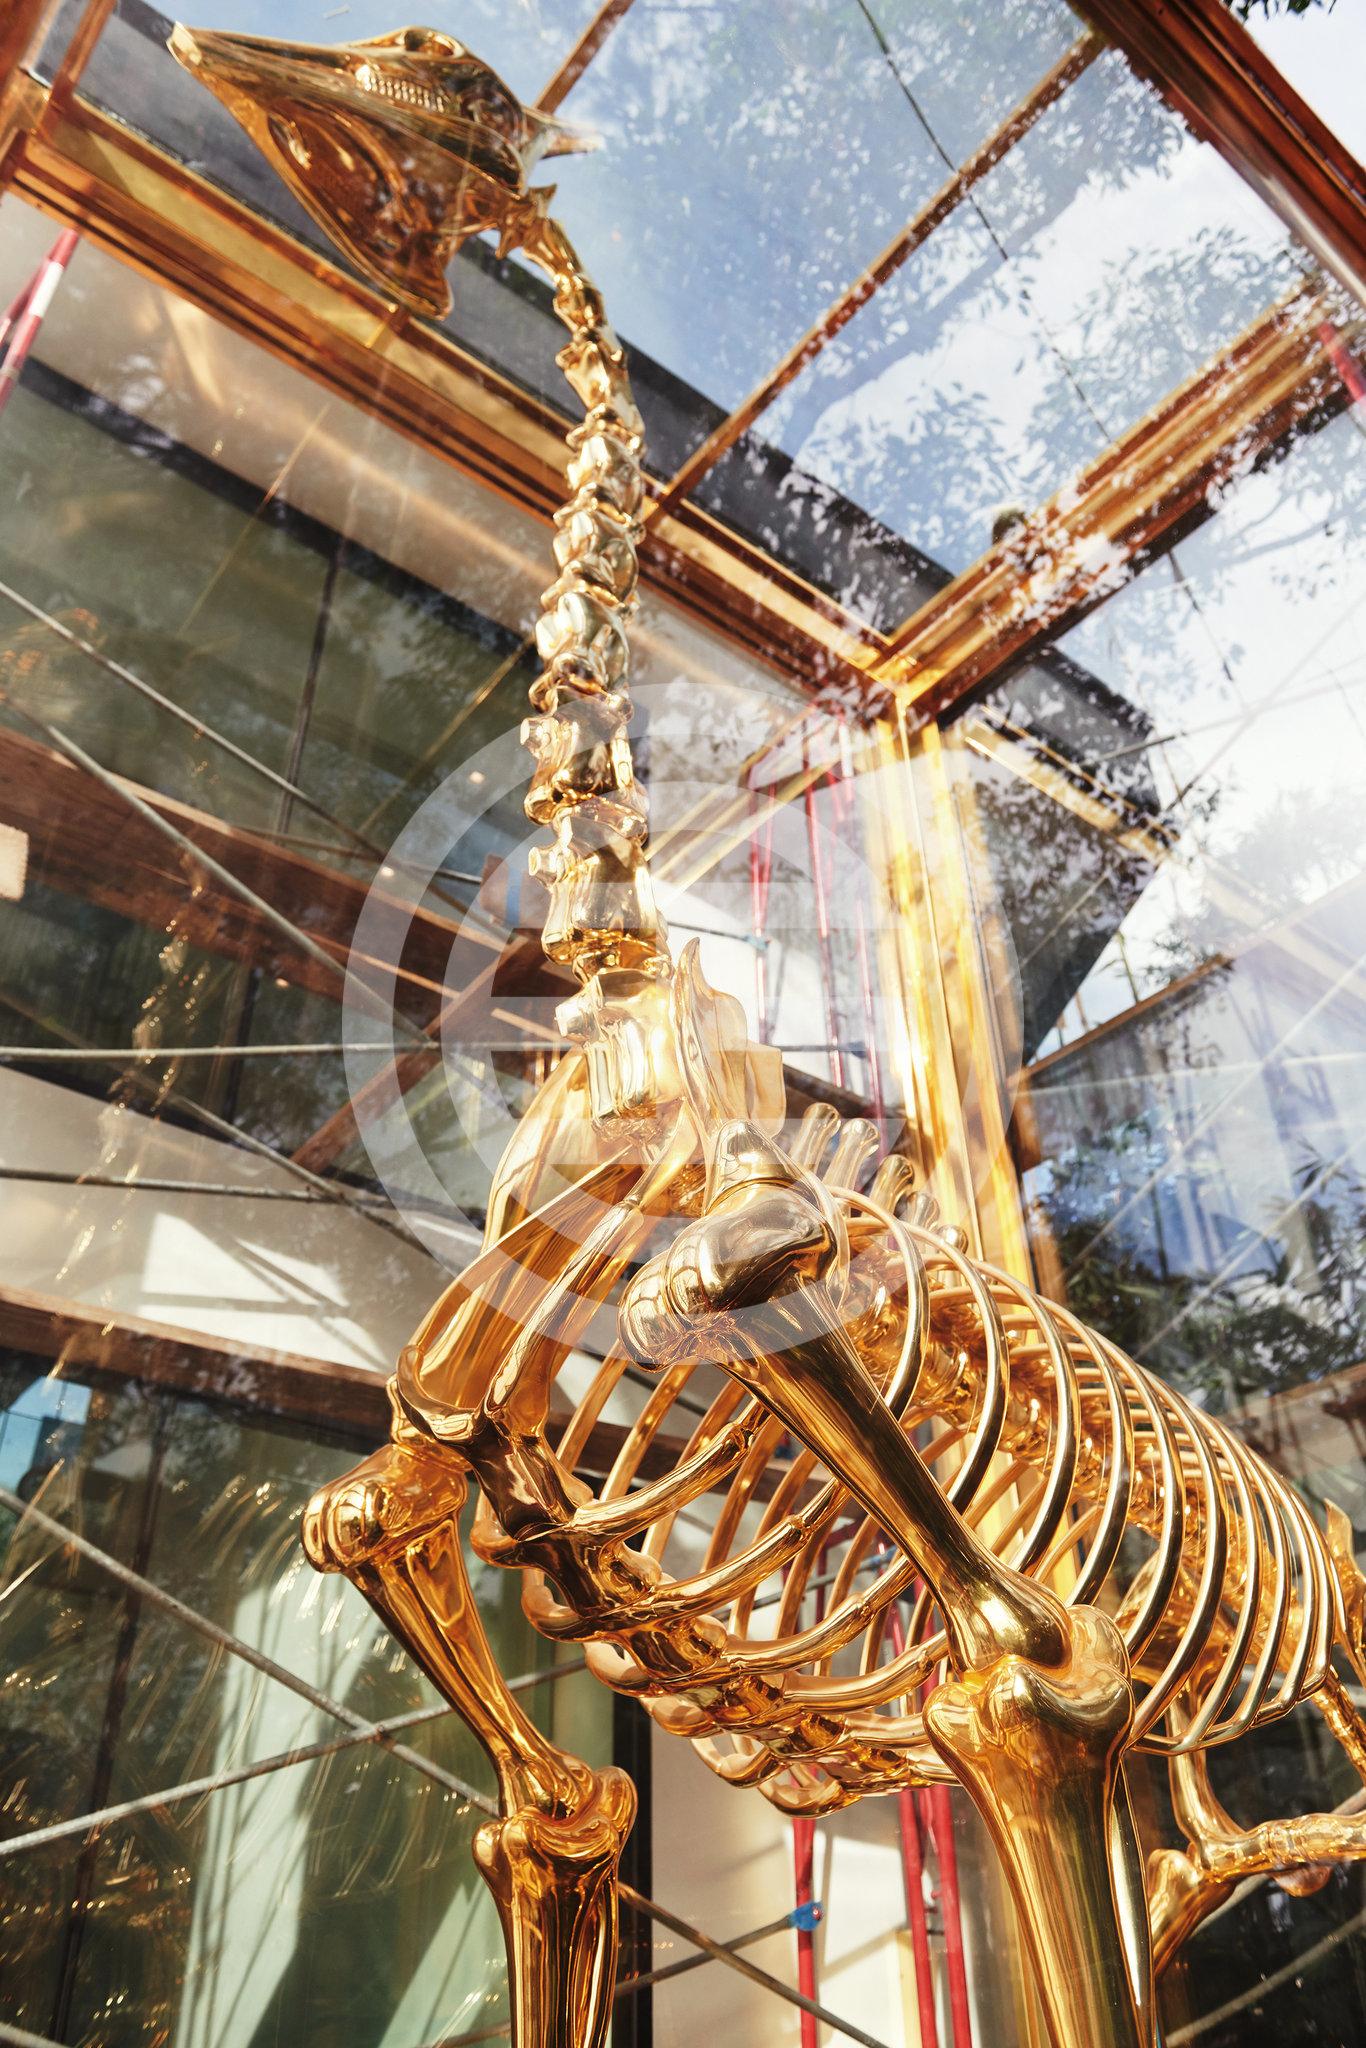 尼米亚为自己豪宅专门定做的黄金长颈鹿雕塑